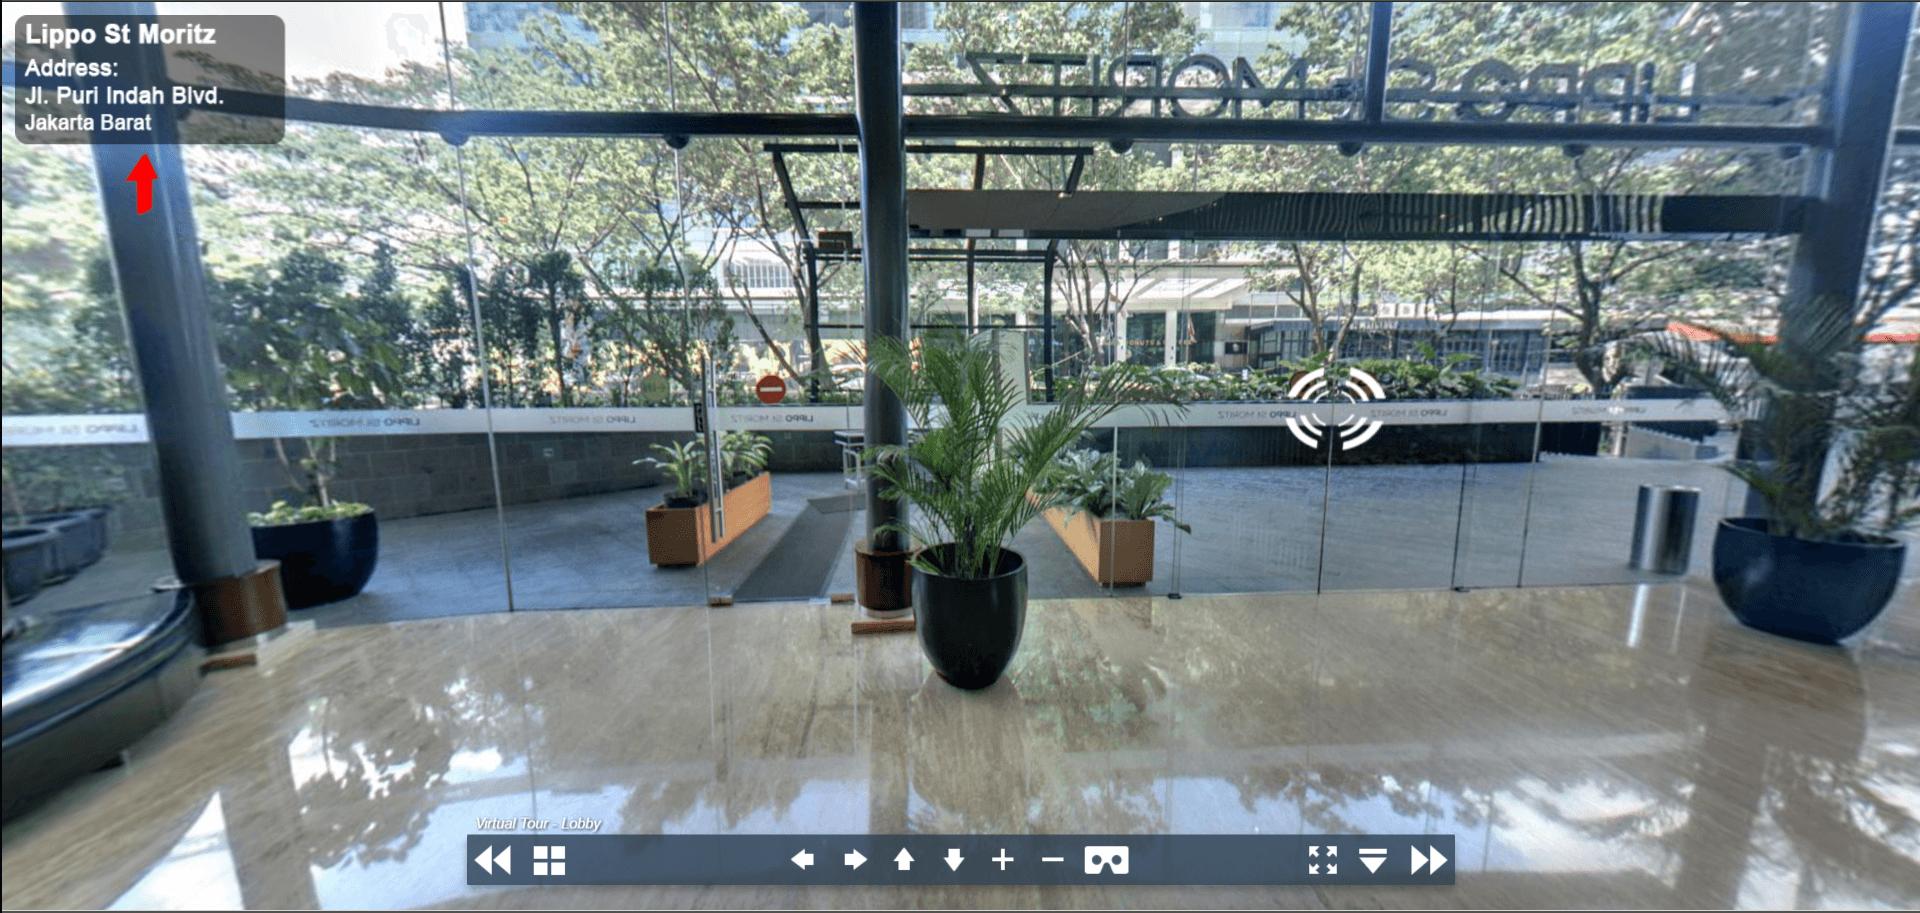 Sewa Kantor Gedung Lippo St Moritz Office Tower Jakarta Barat Kembangan  Jakarta Virtual Reality